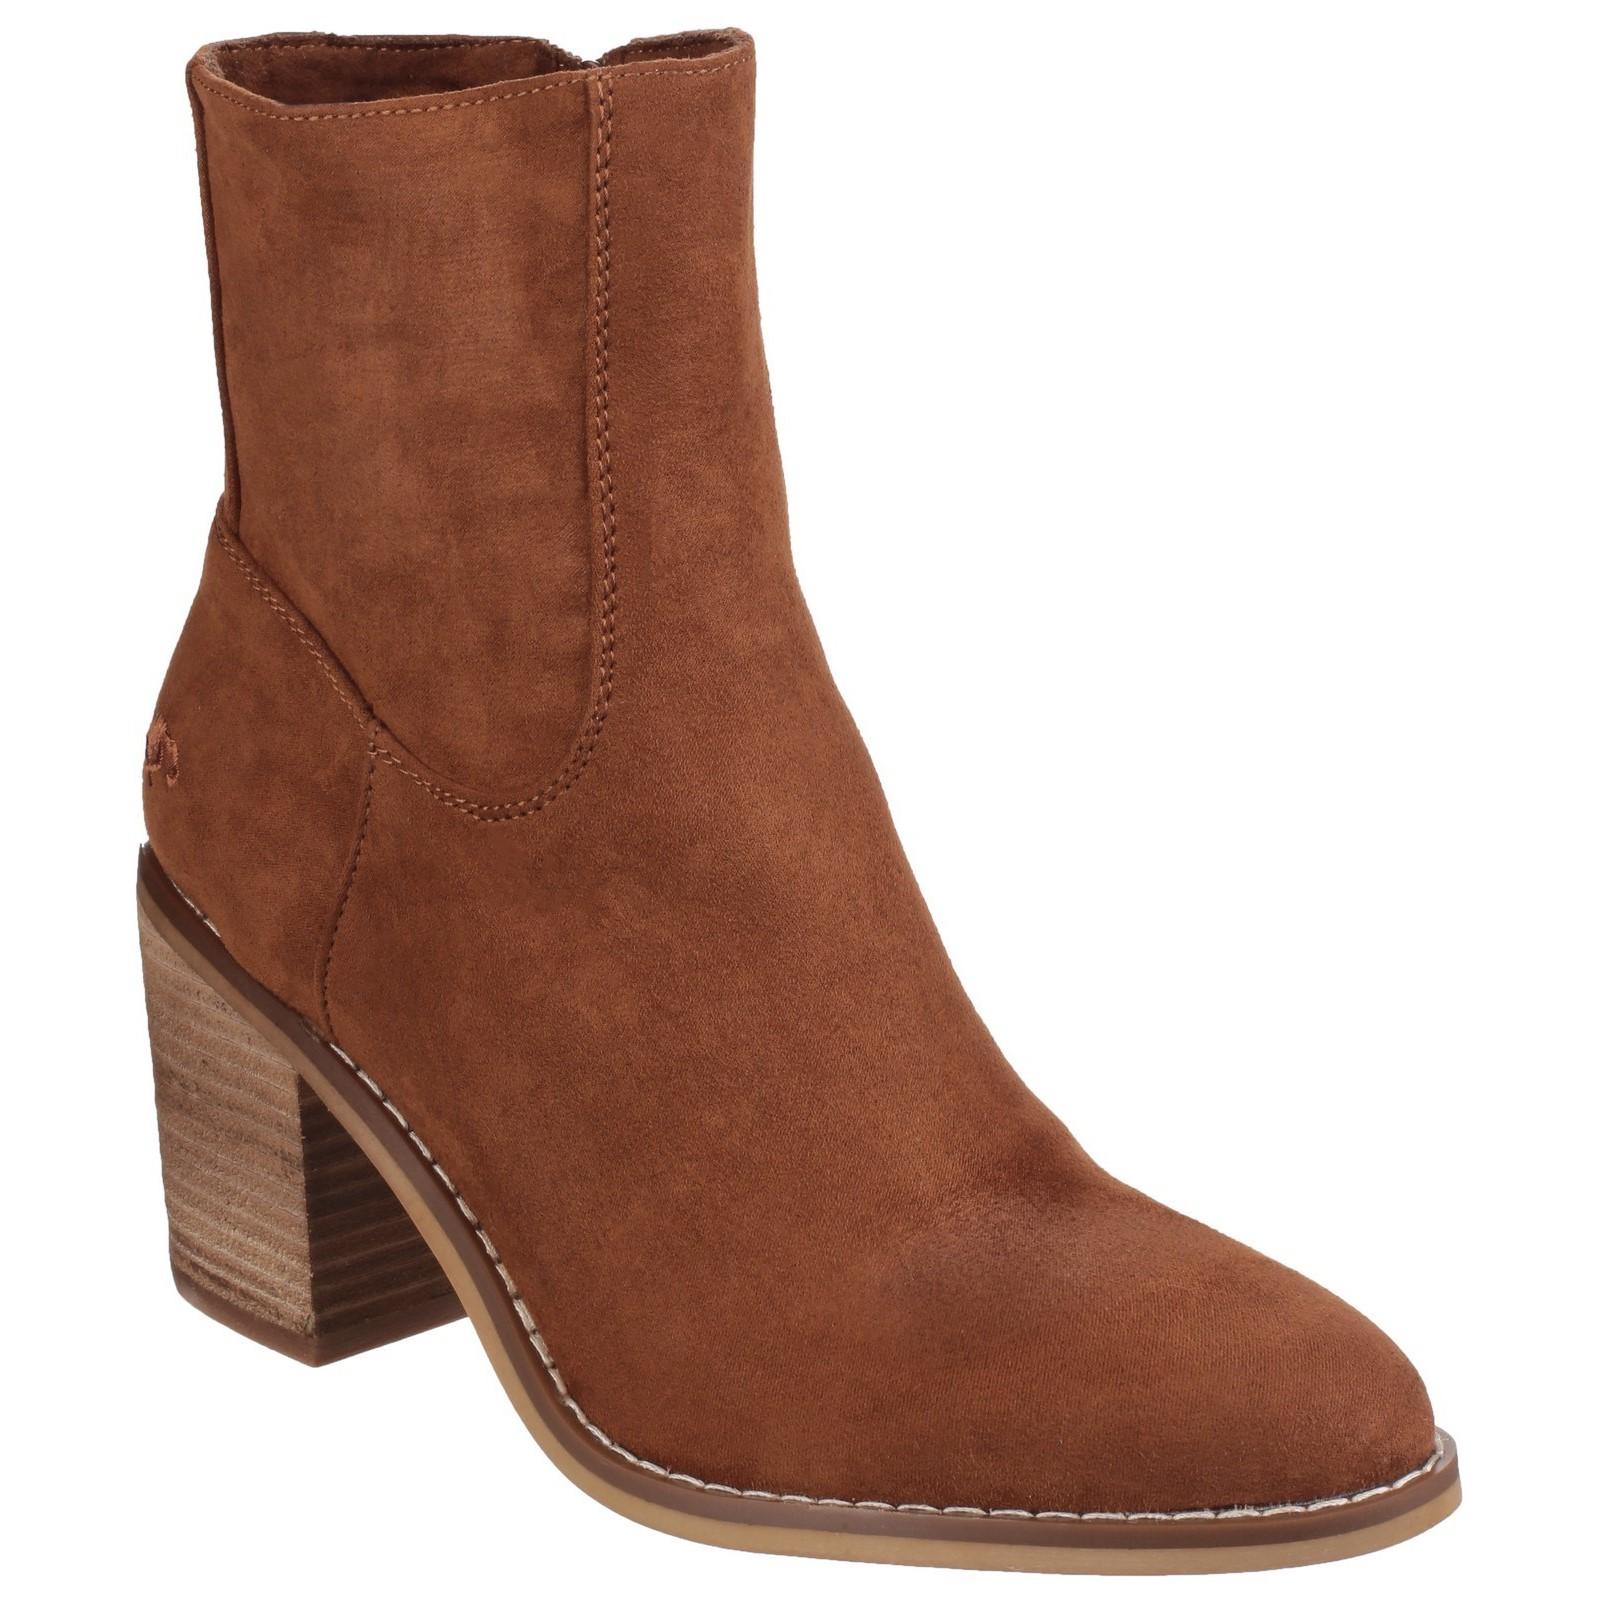 c44940226 Ladies Rocket Dog Mid Block Heel Zip High Ankle BOOTS Dannis Brown ...